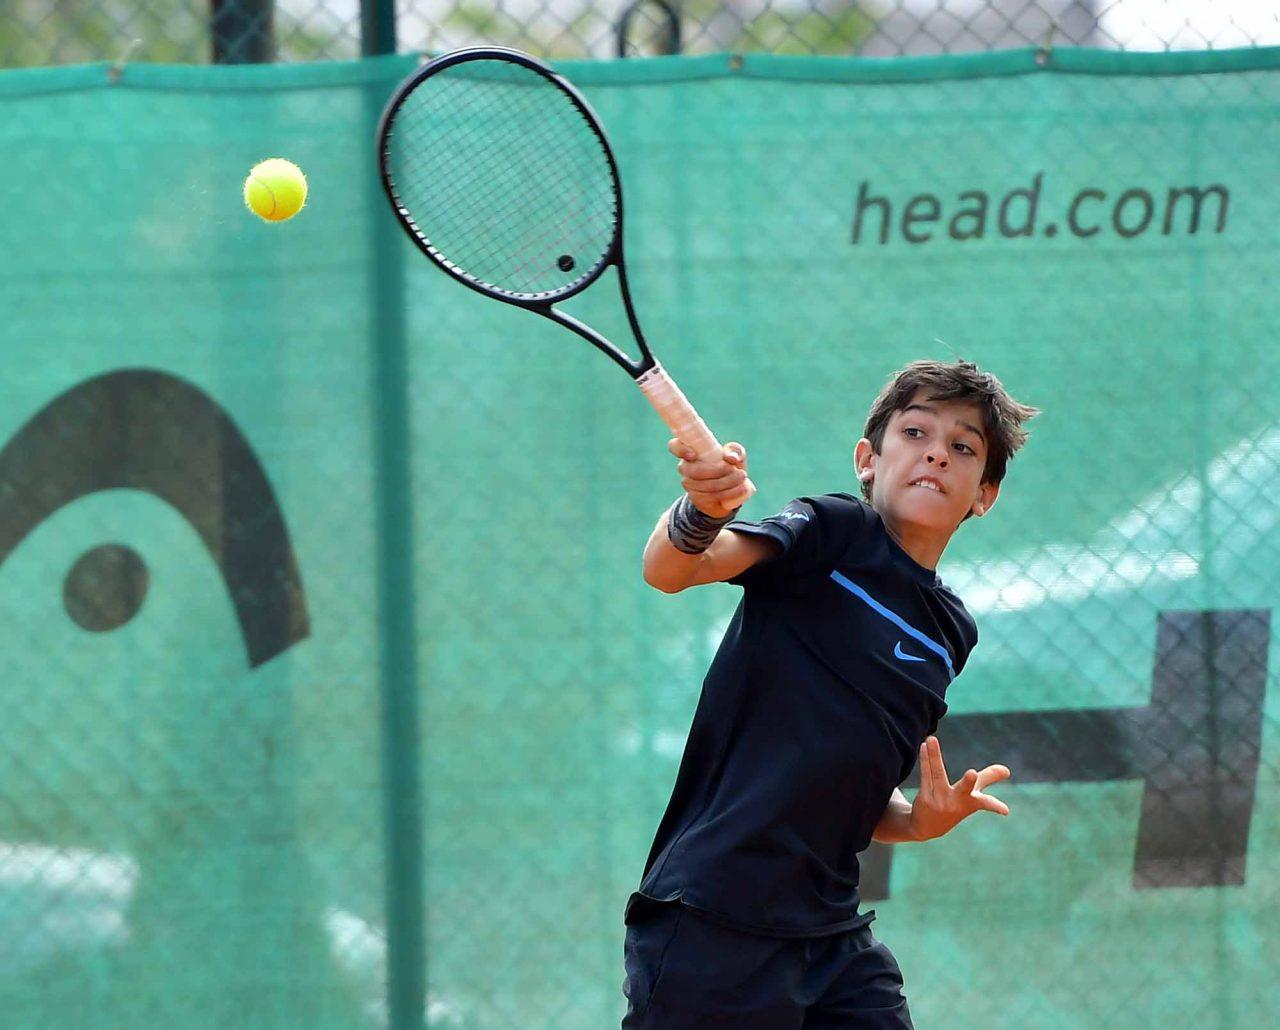 Държавно първенство тенис до 14 год. ТК 15-40 финал двойки (9)